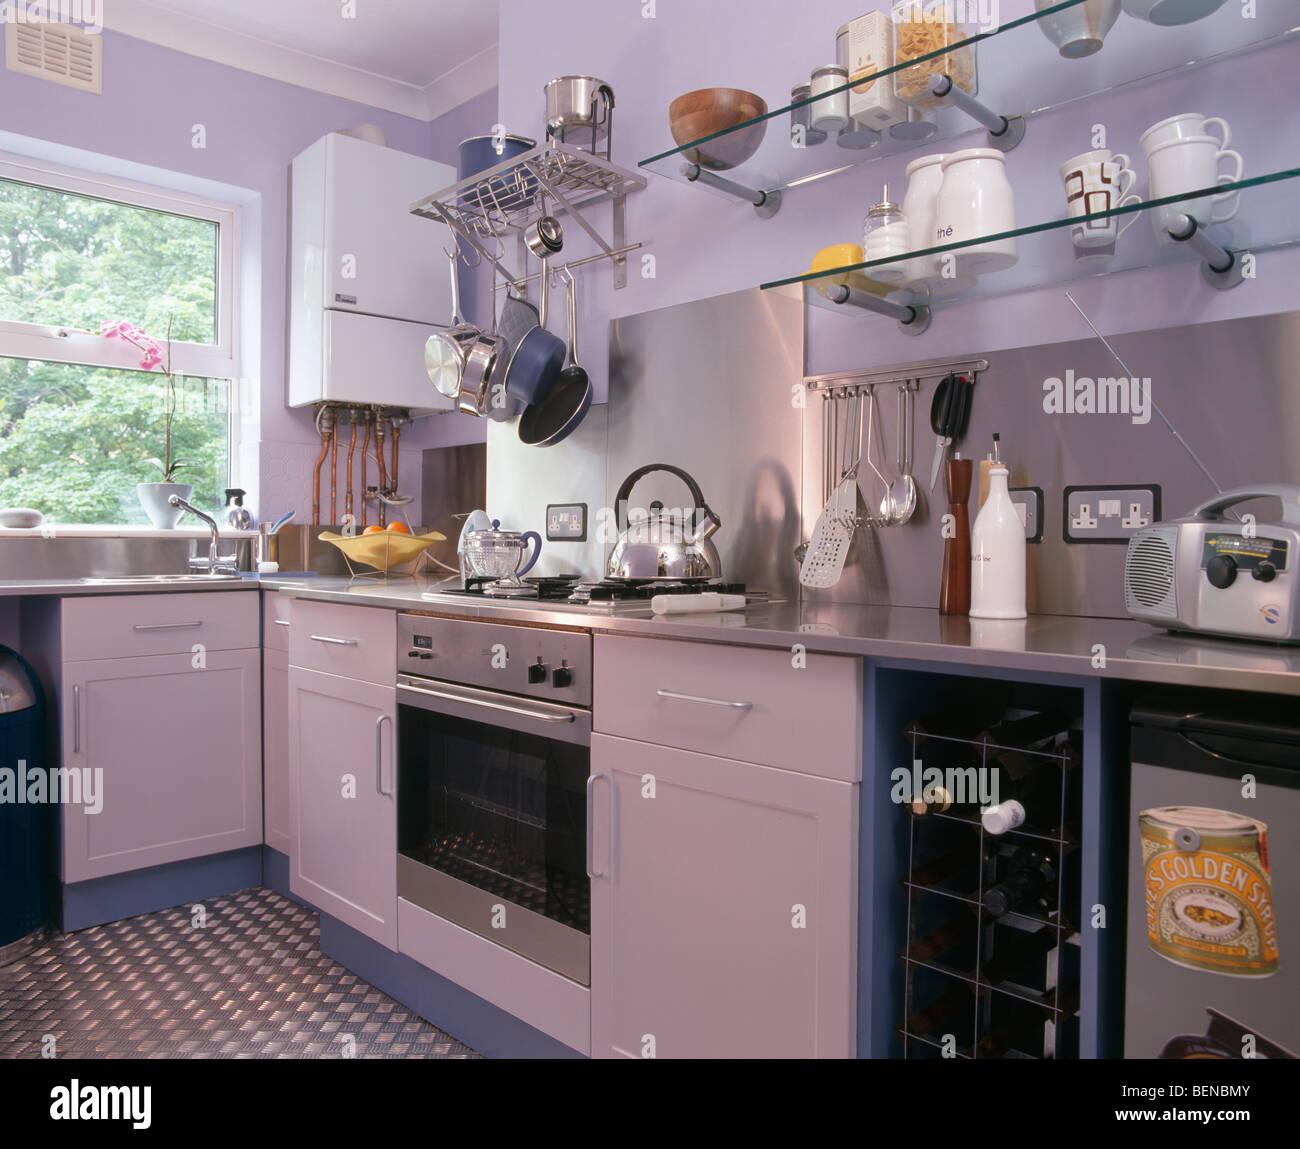 Prateleiras De Vidro E A O Inoxid Vel Forno Na Cozinha Moderna Malva